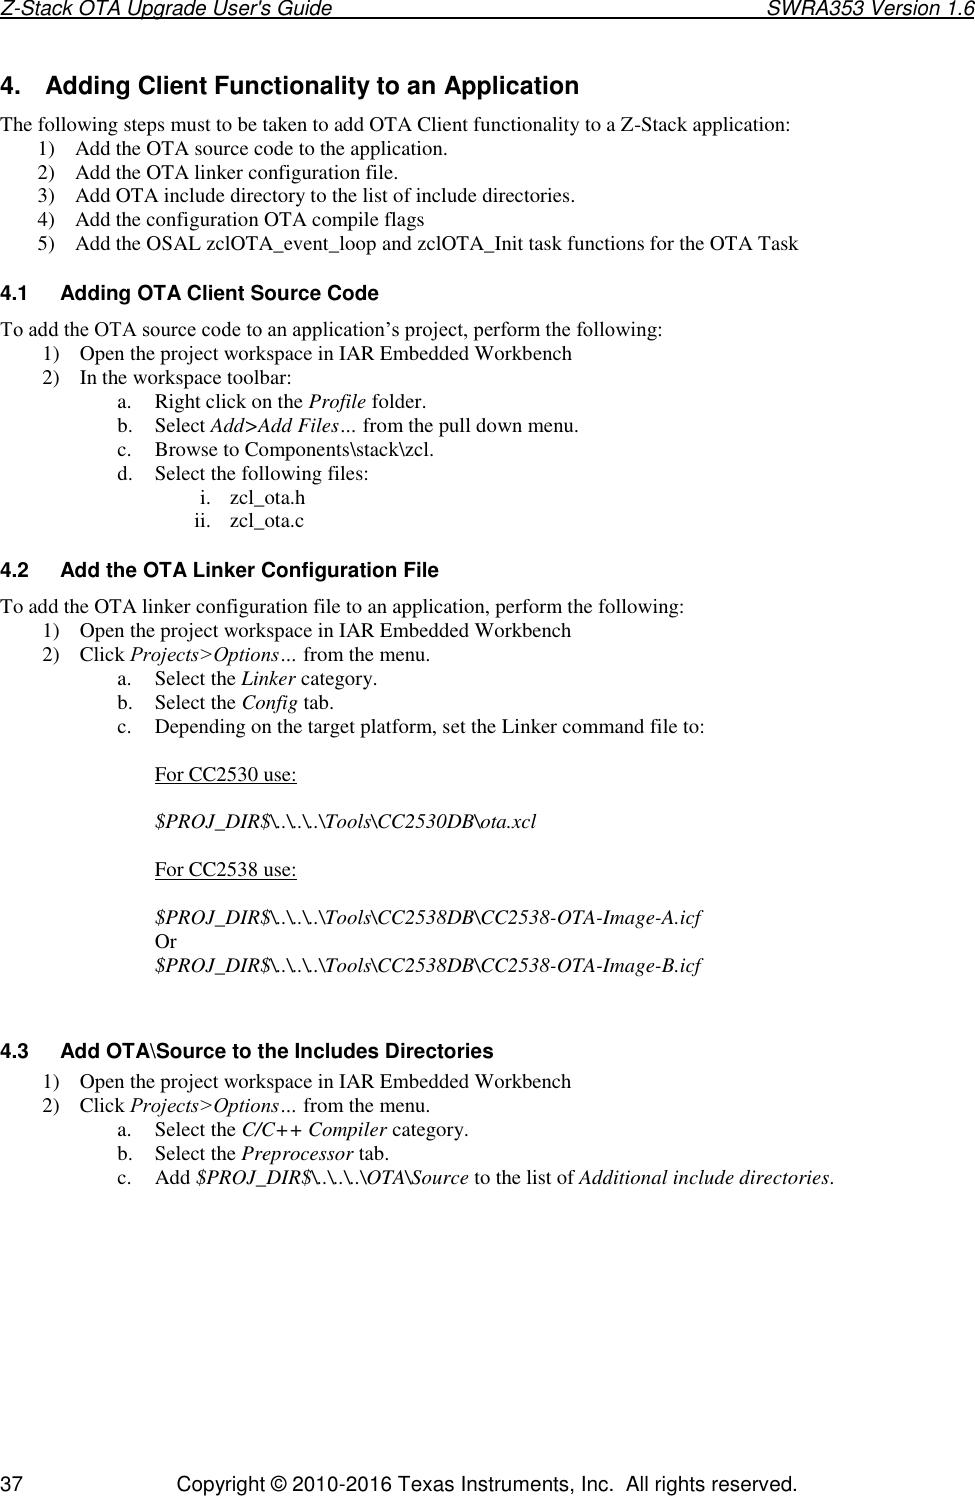 Z Stack OTA Upgrade User's Guide